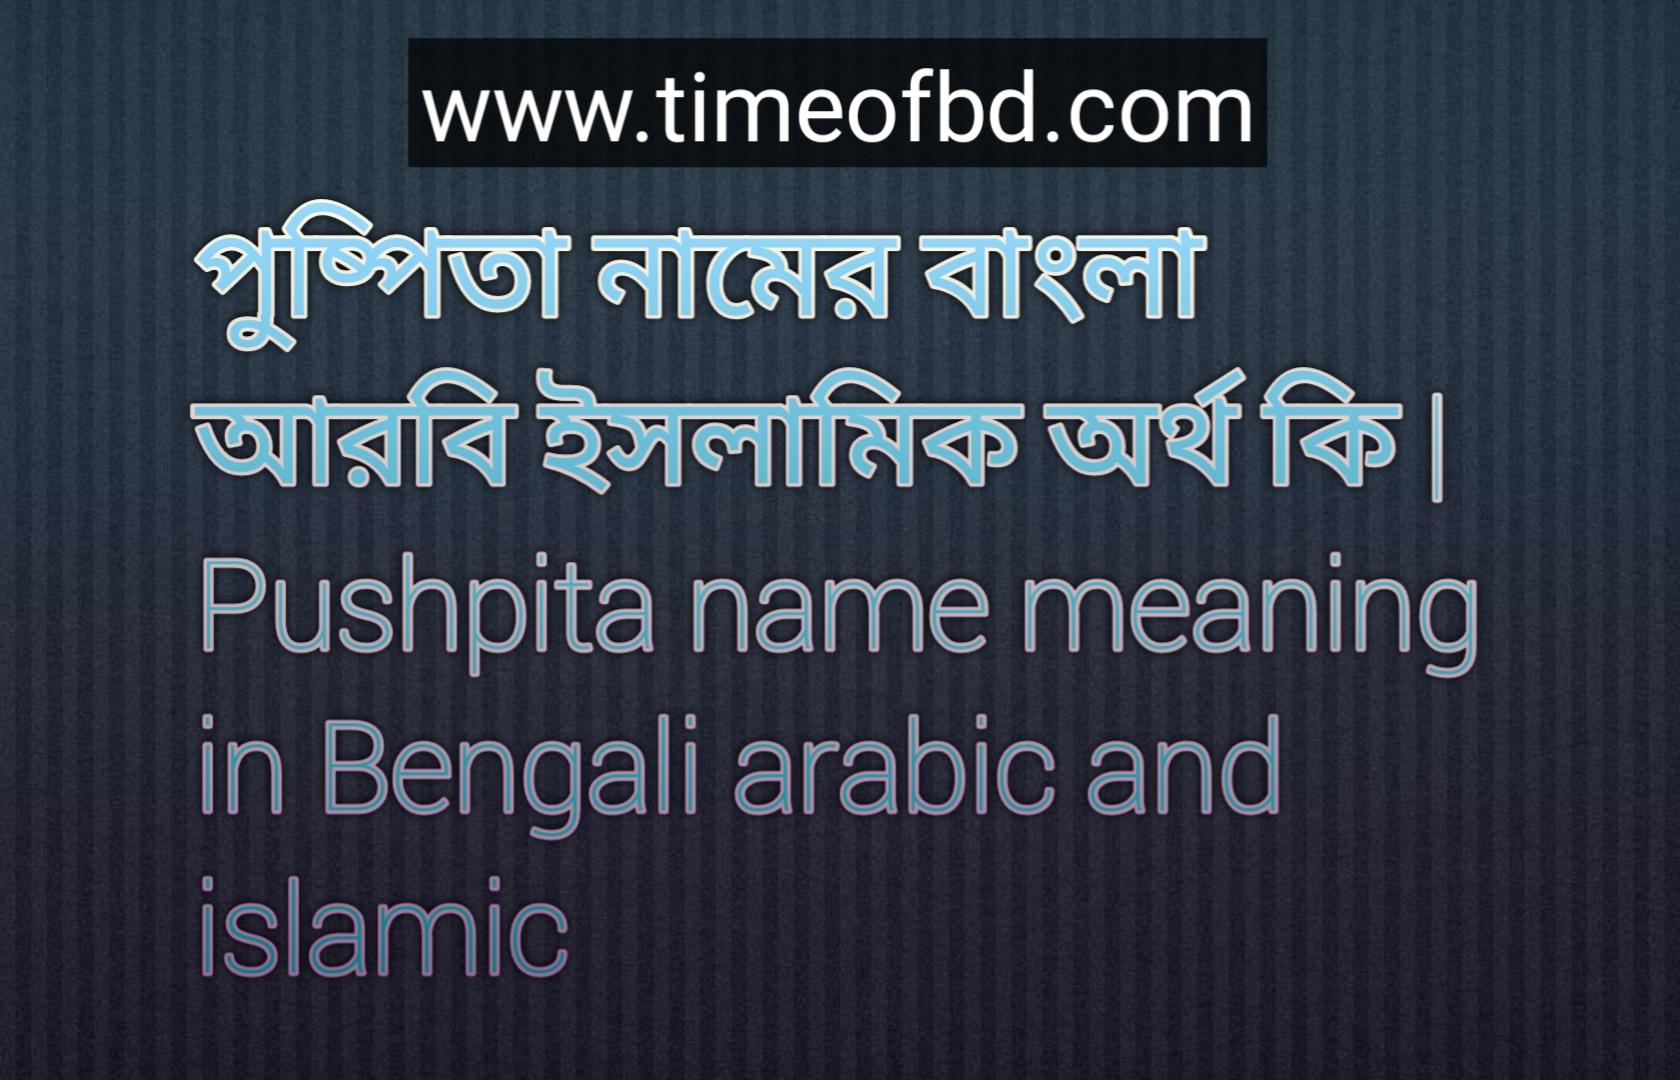 পুষ্পিতা নামের অর্থ কি, পুষ্পিতা নামের বাংলা অর্থ কি, পুষ্পিতা নামের ইসলামিক অর্থ কি, Pushpita name meaning in Bengali, পুষ্পিতা কি ইসলামিক নাম,